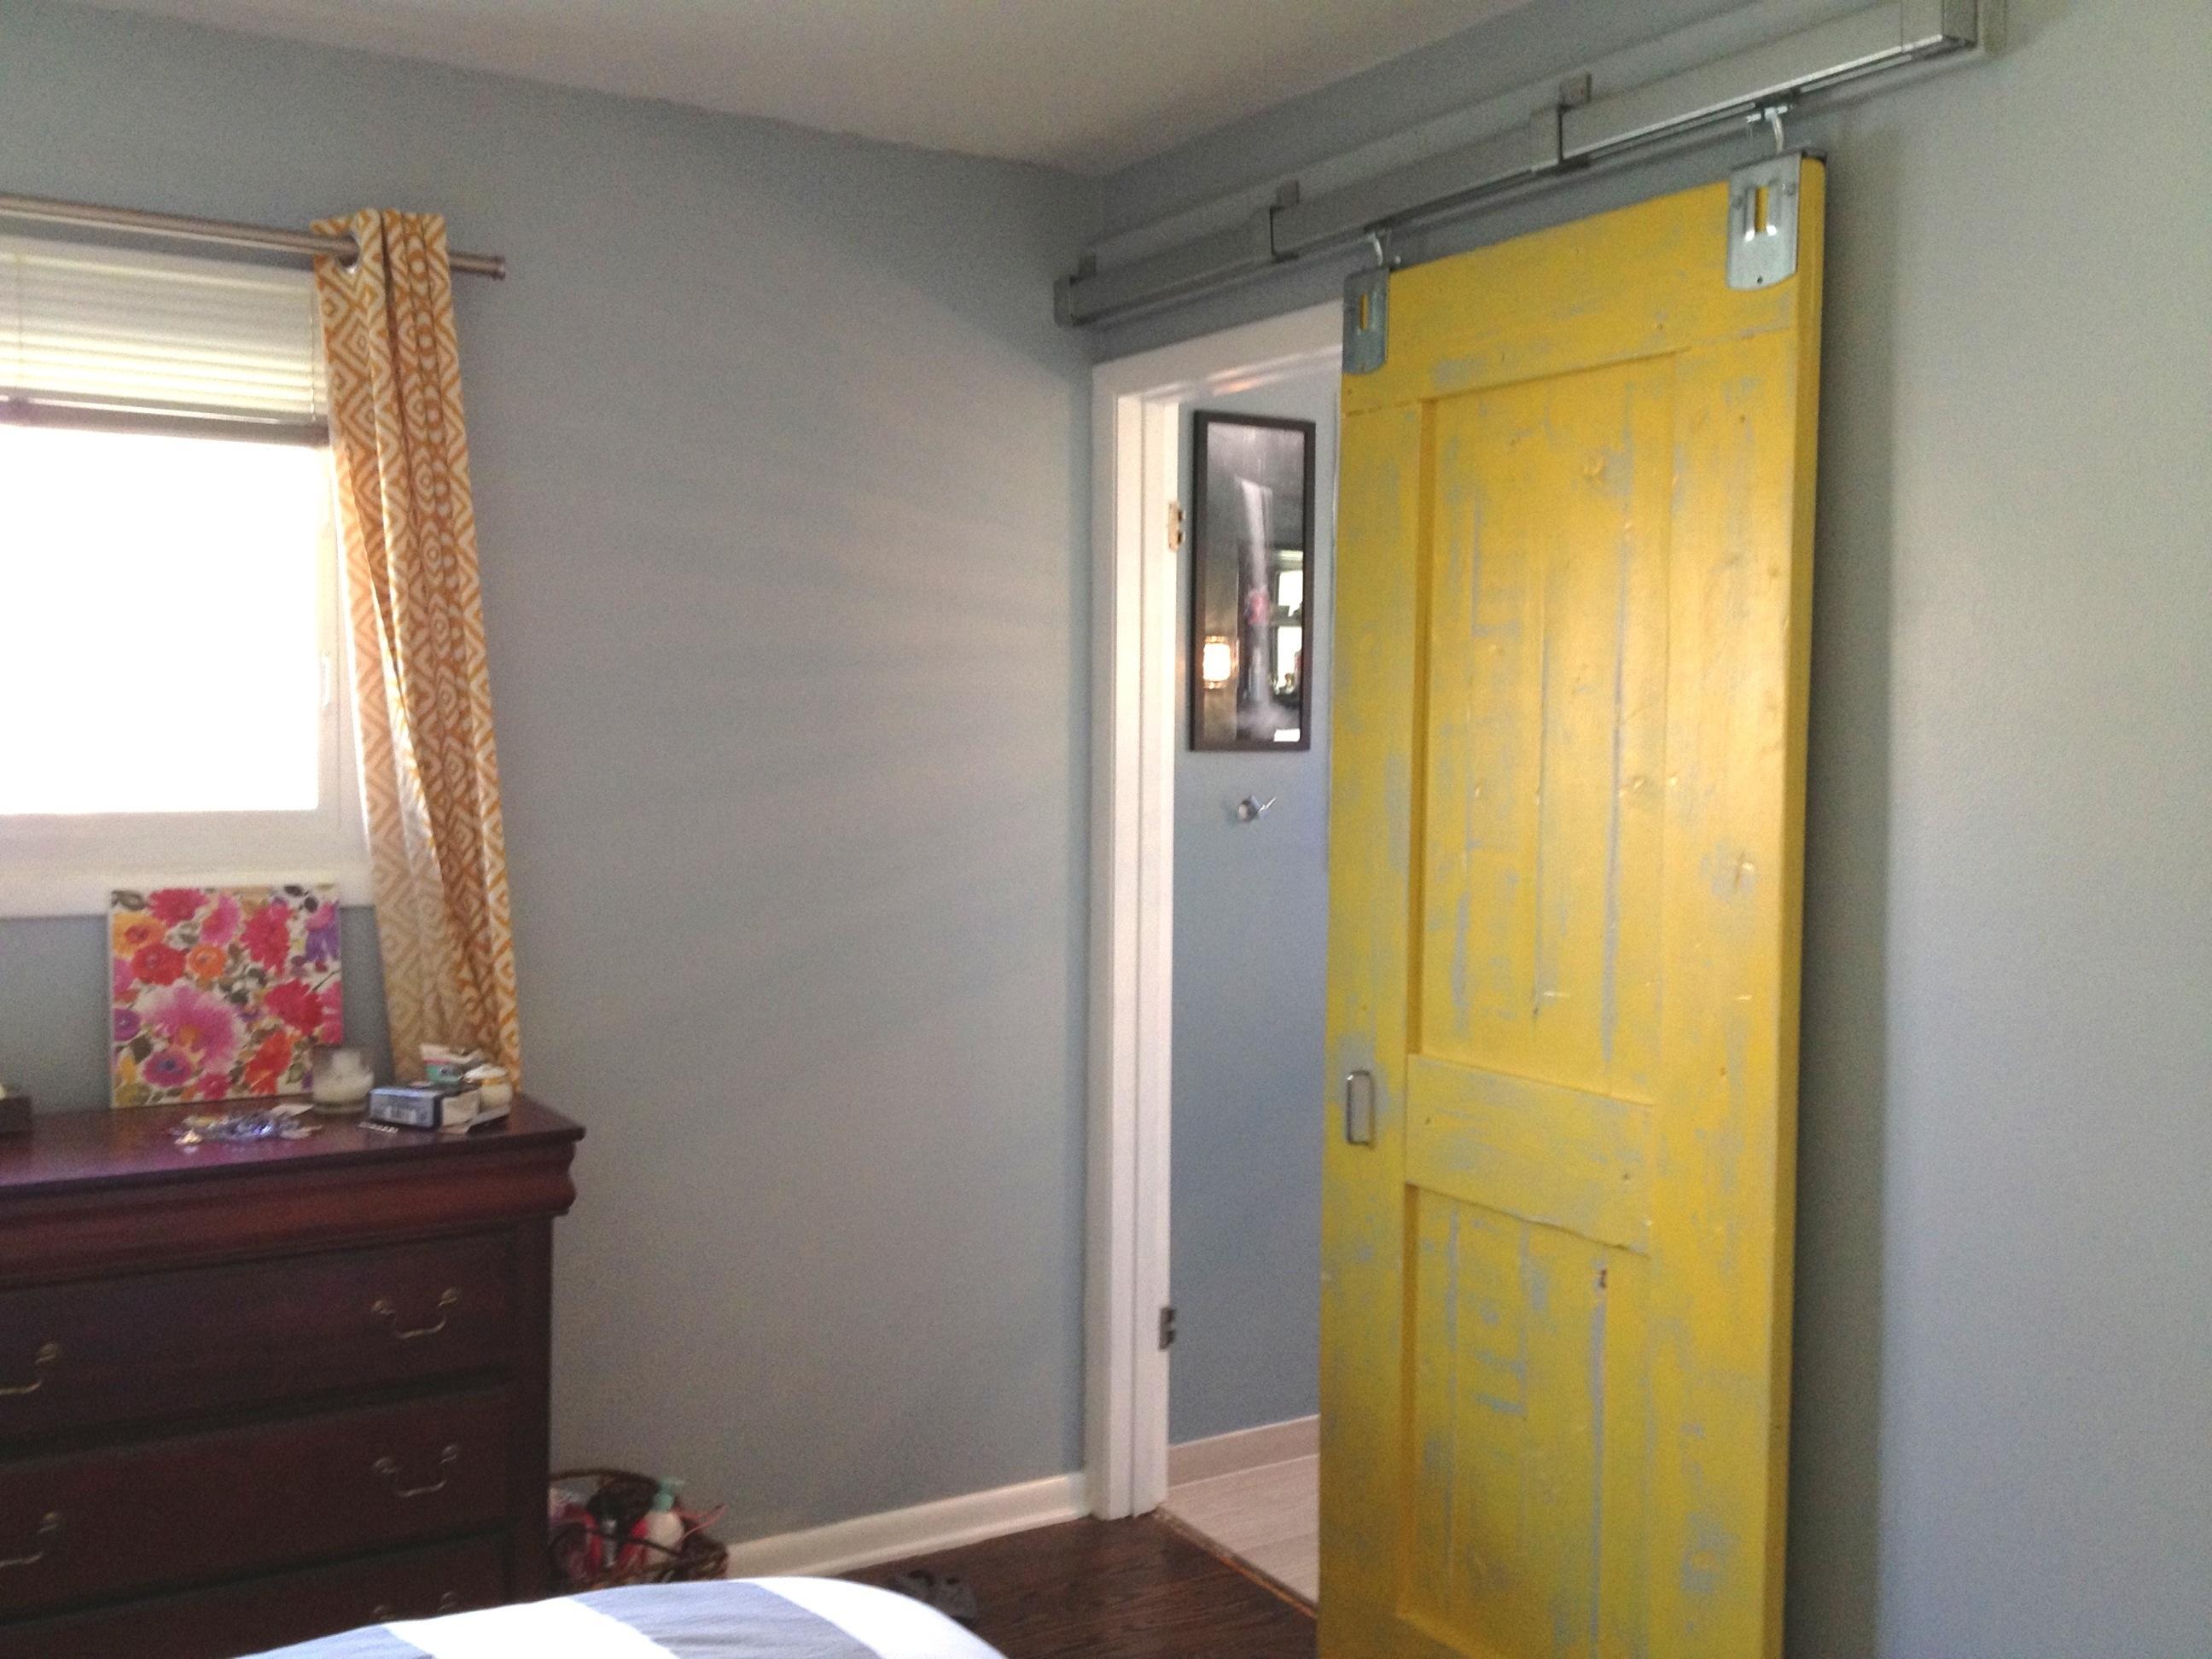 Sliding Door For Small Roomphotos on wall doors zyinga full drapes for sliding idolza